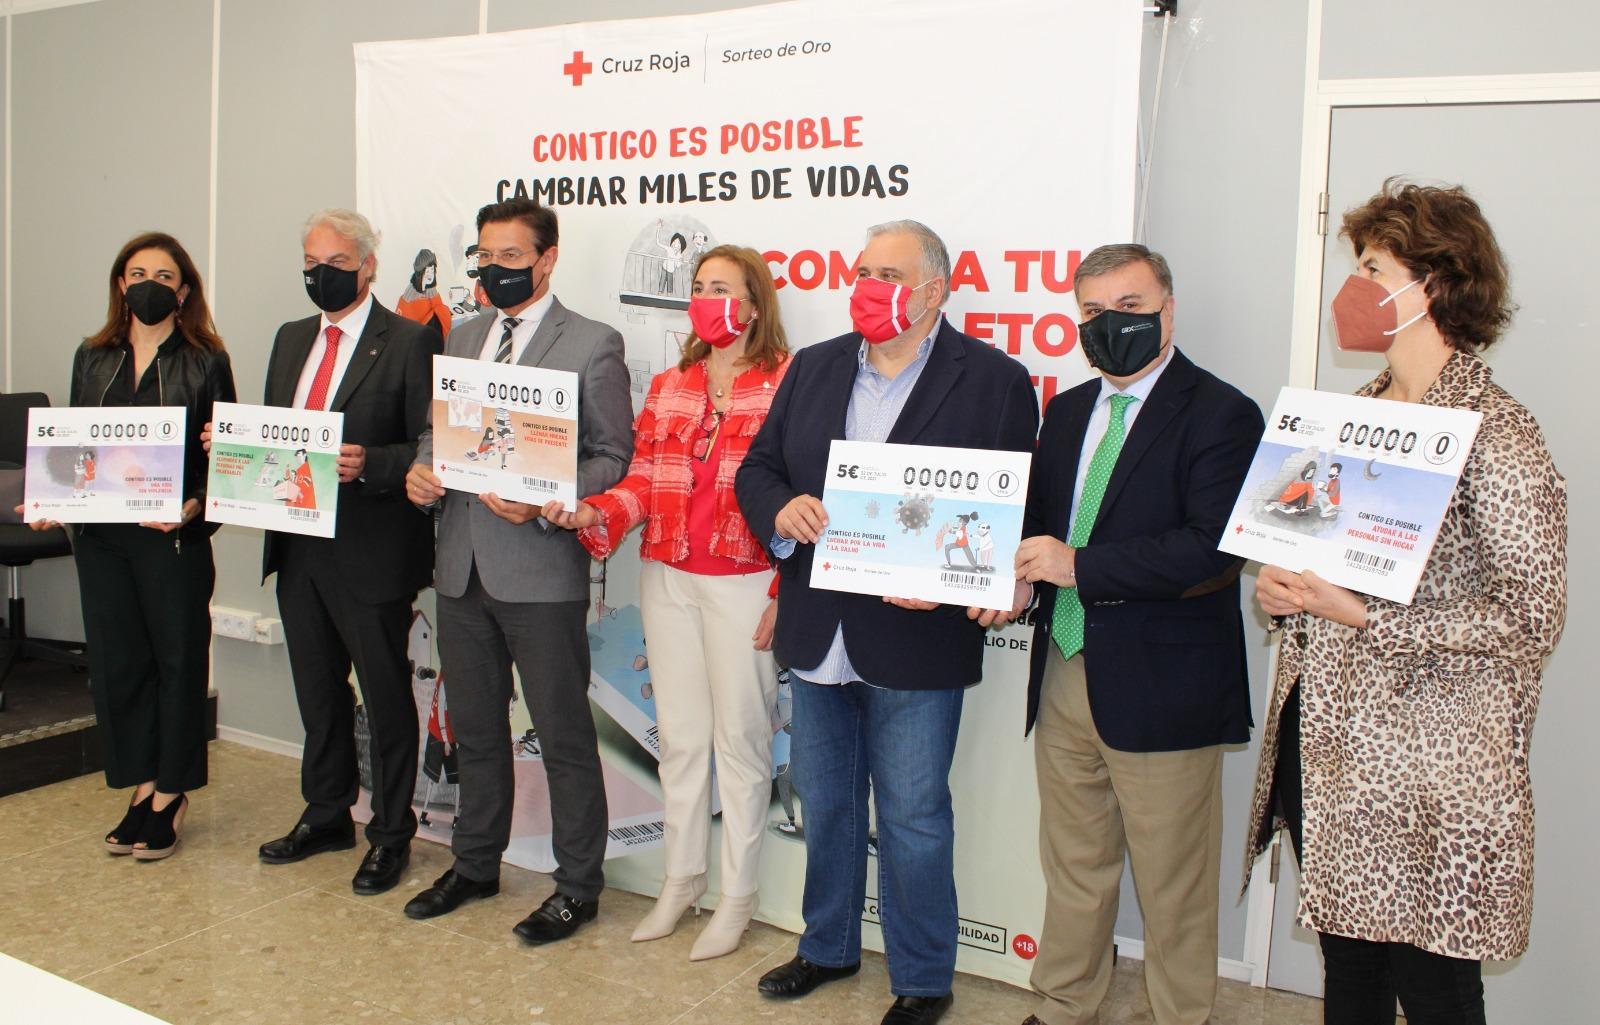 Presentado el sorteo de Cruz Roja previsto para el 22 de julio con 7 millones en premios